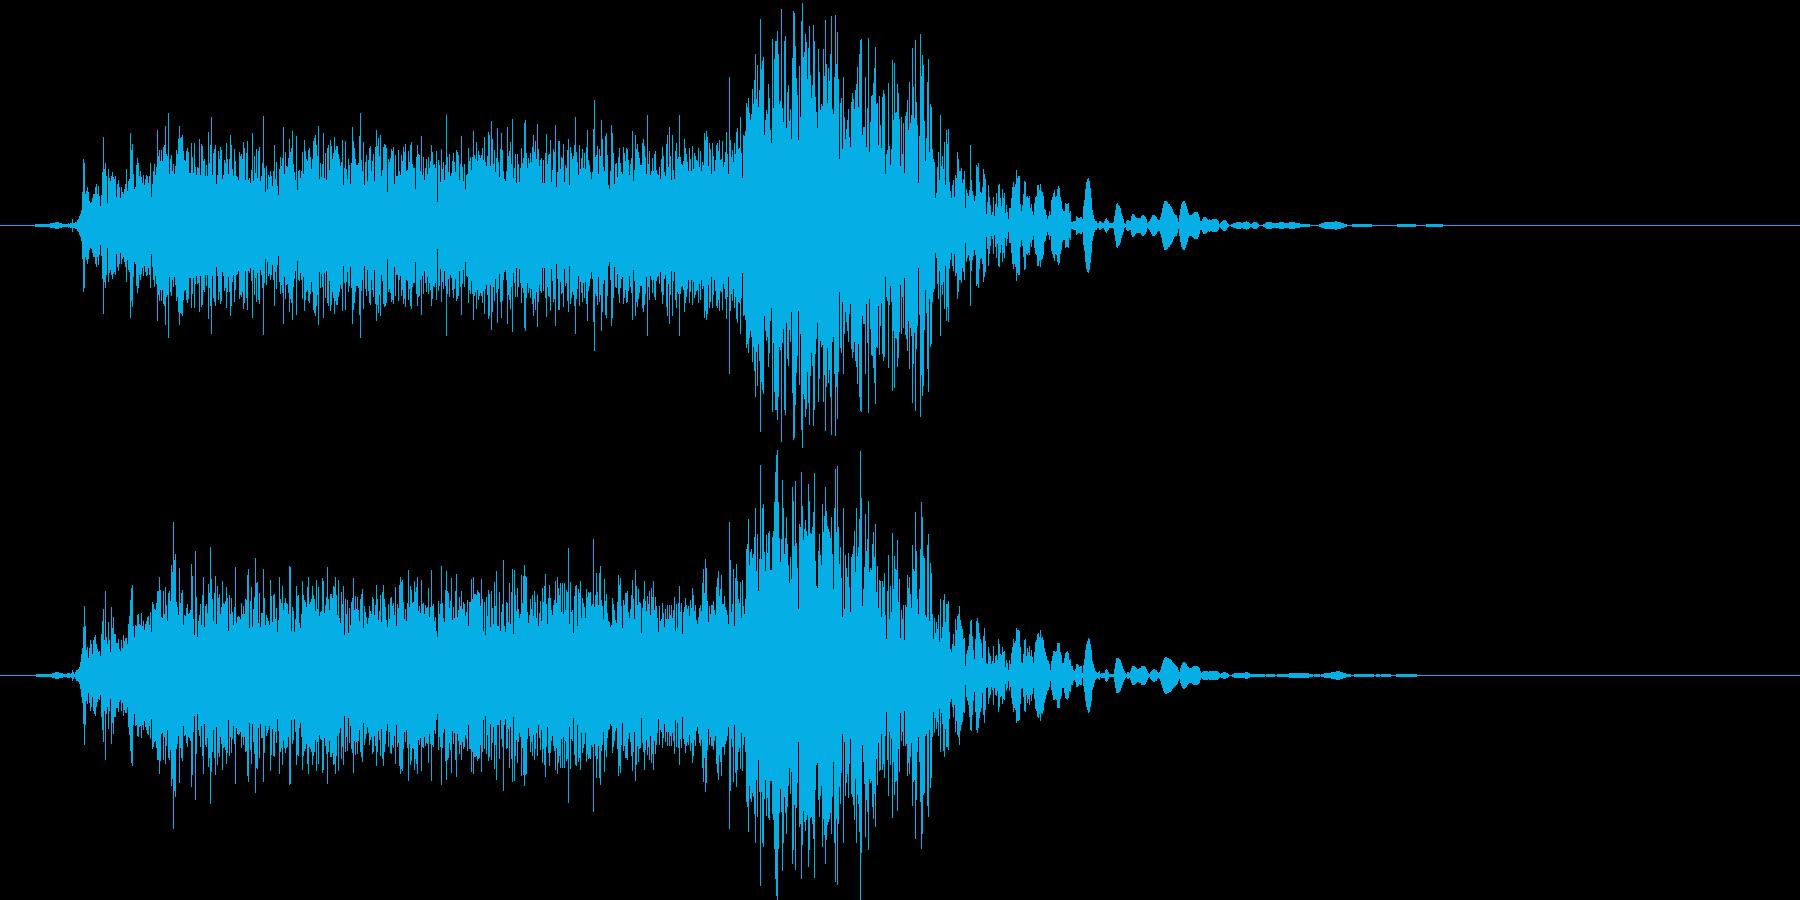 【機械/ロボット系012】ウィーンガチャの再生済みの波形